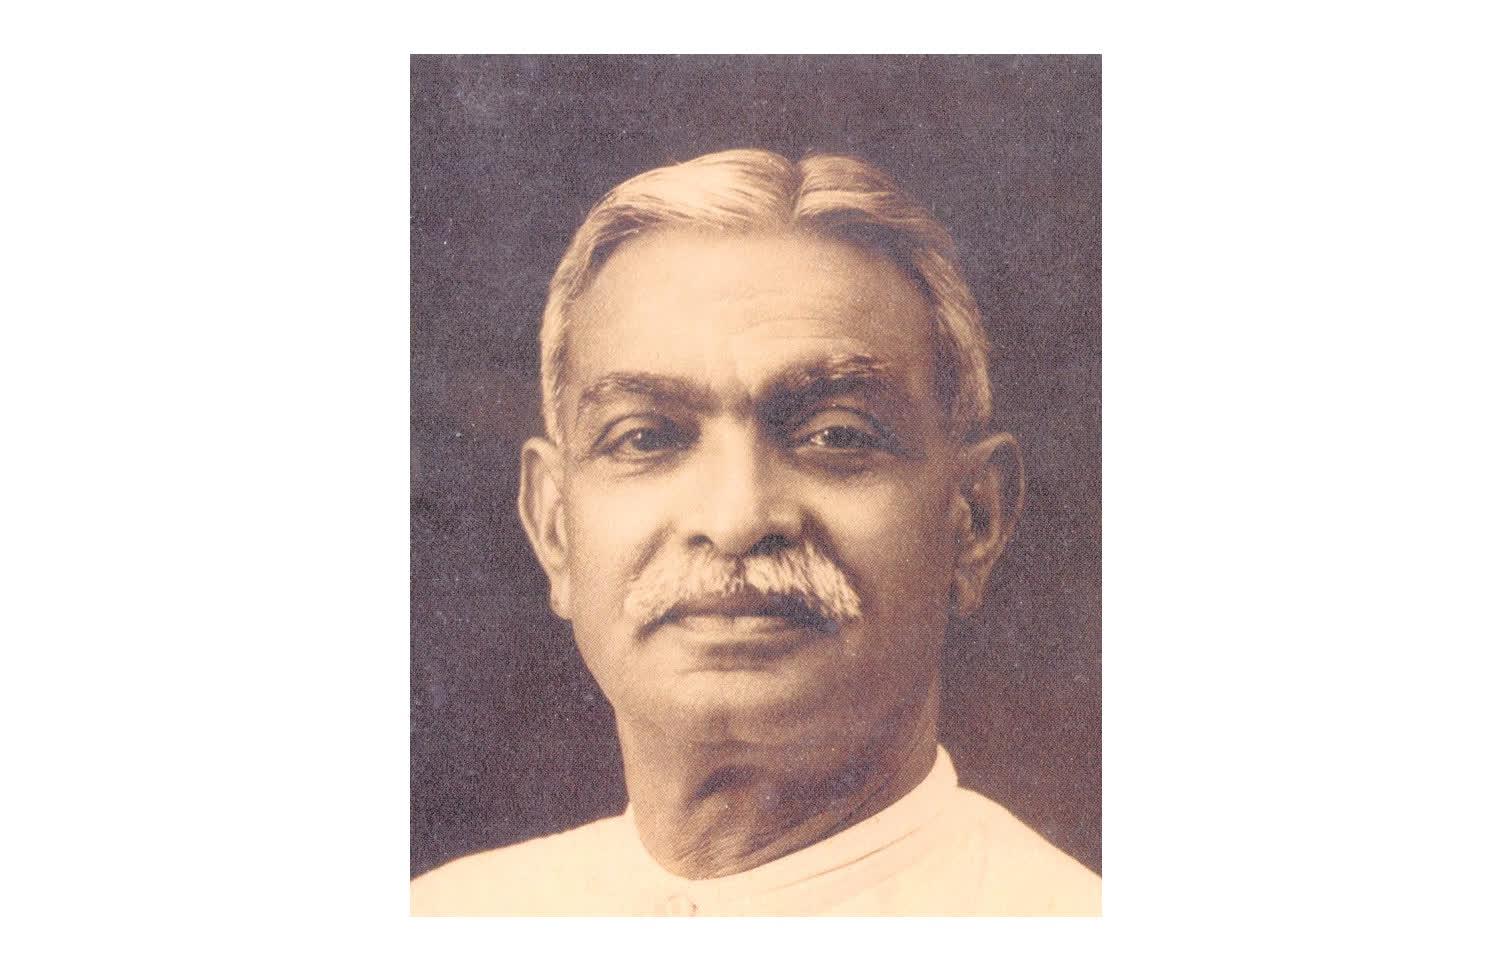 Darbar Gopaldas Desai: A Revolutionary Prince